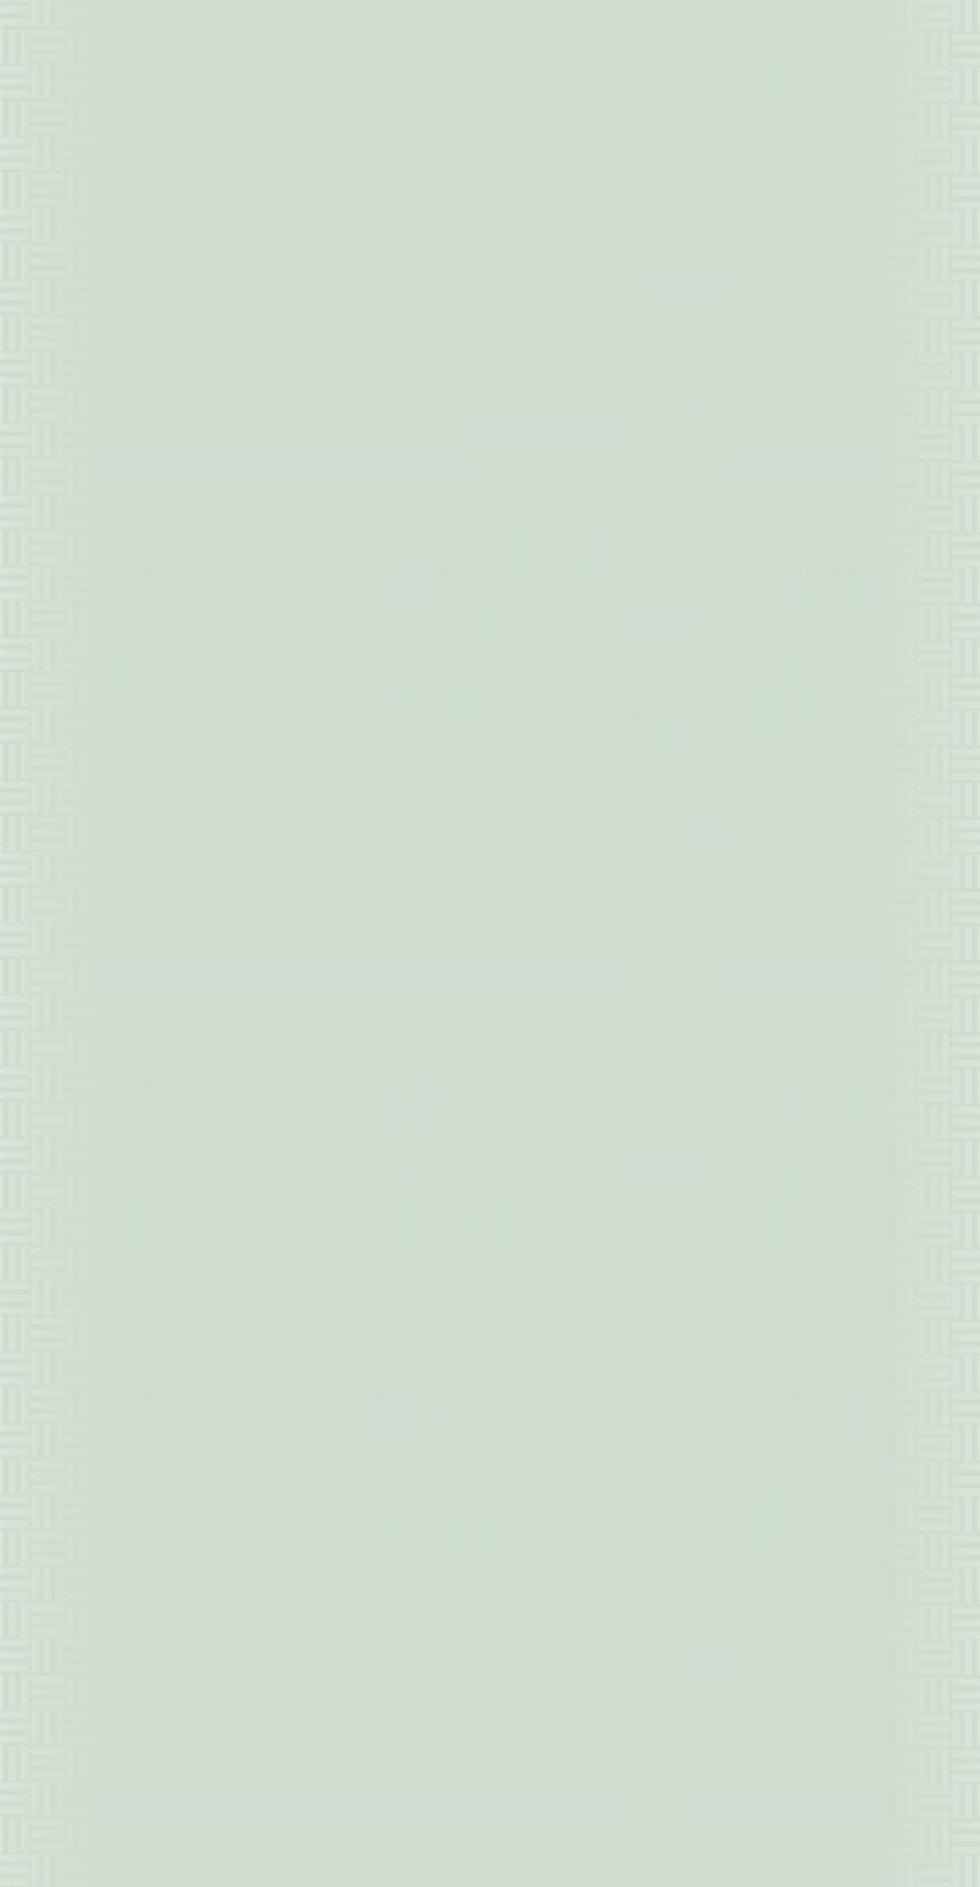 竹柄背景.jpg